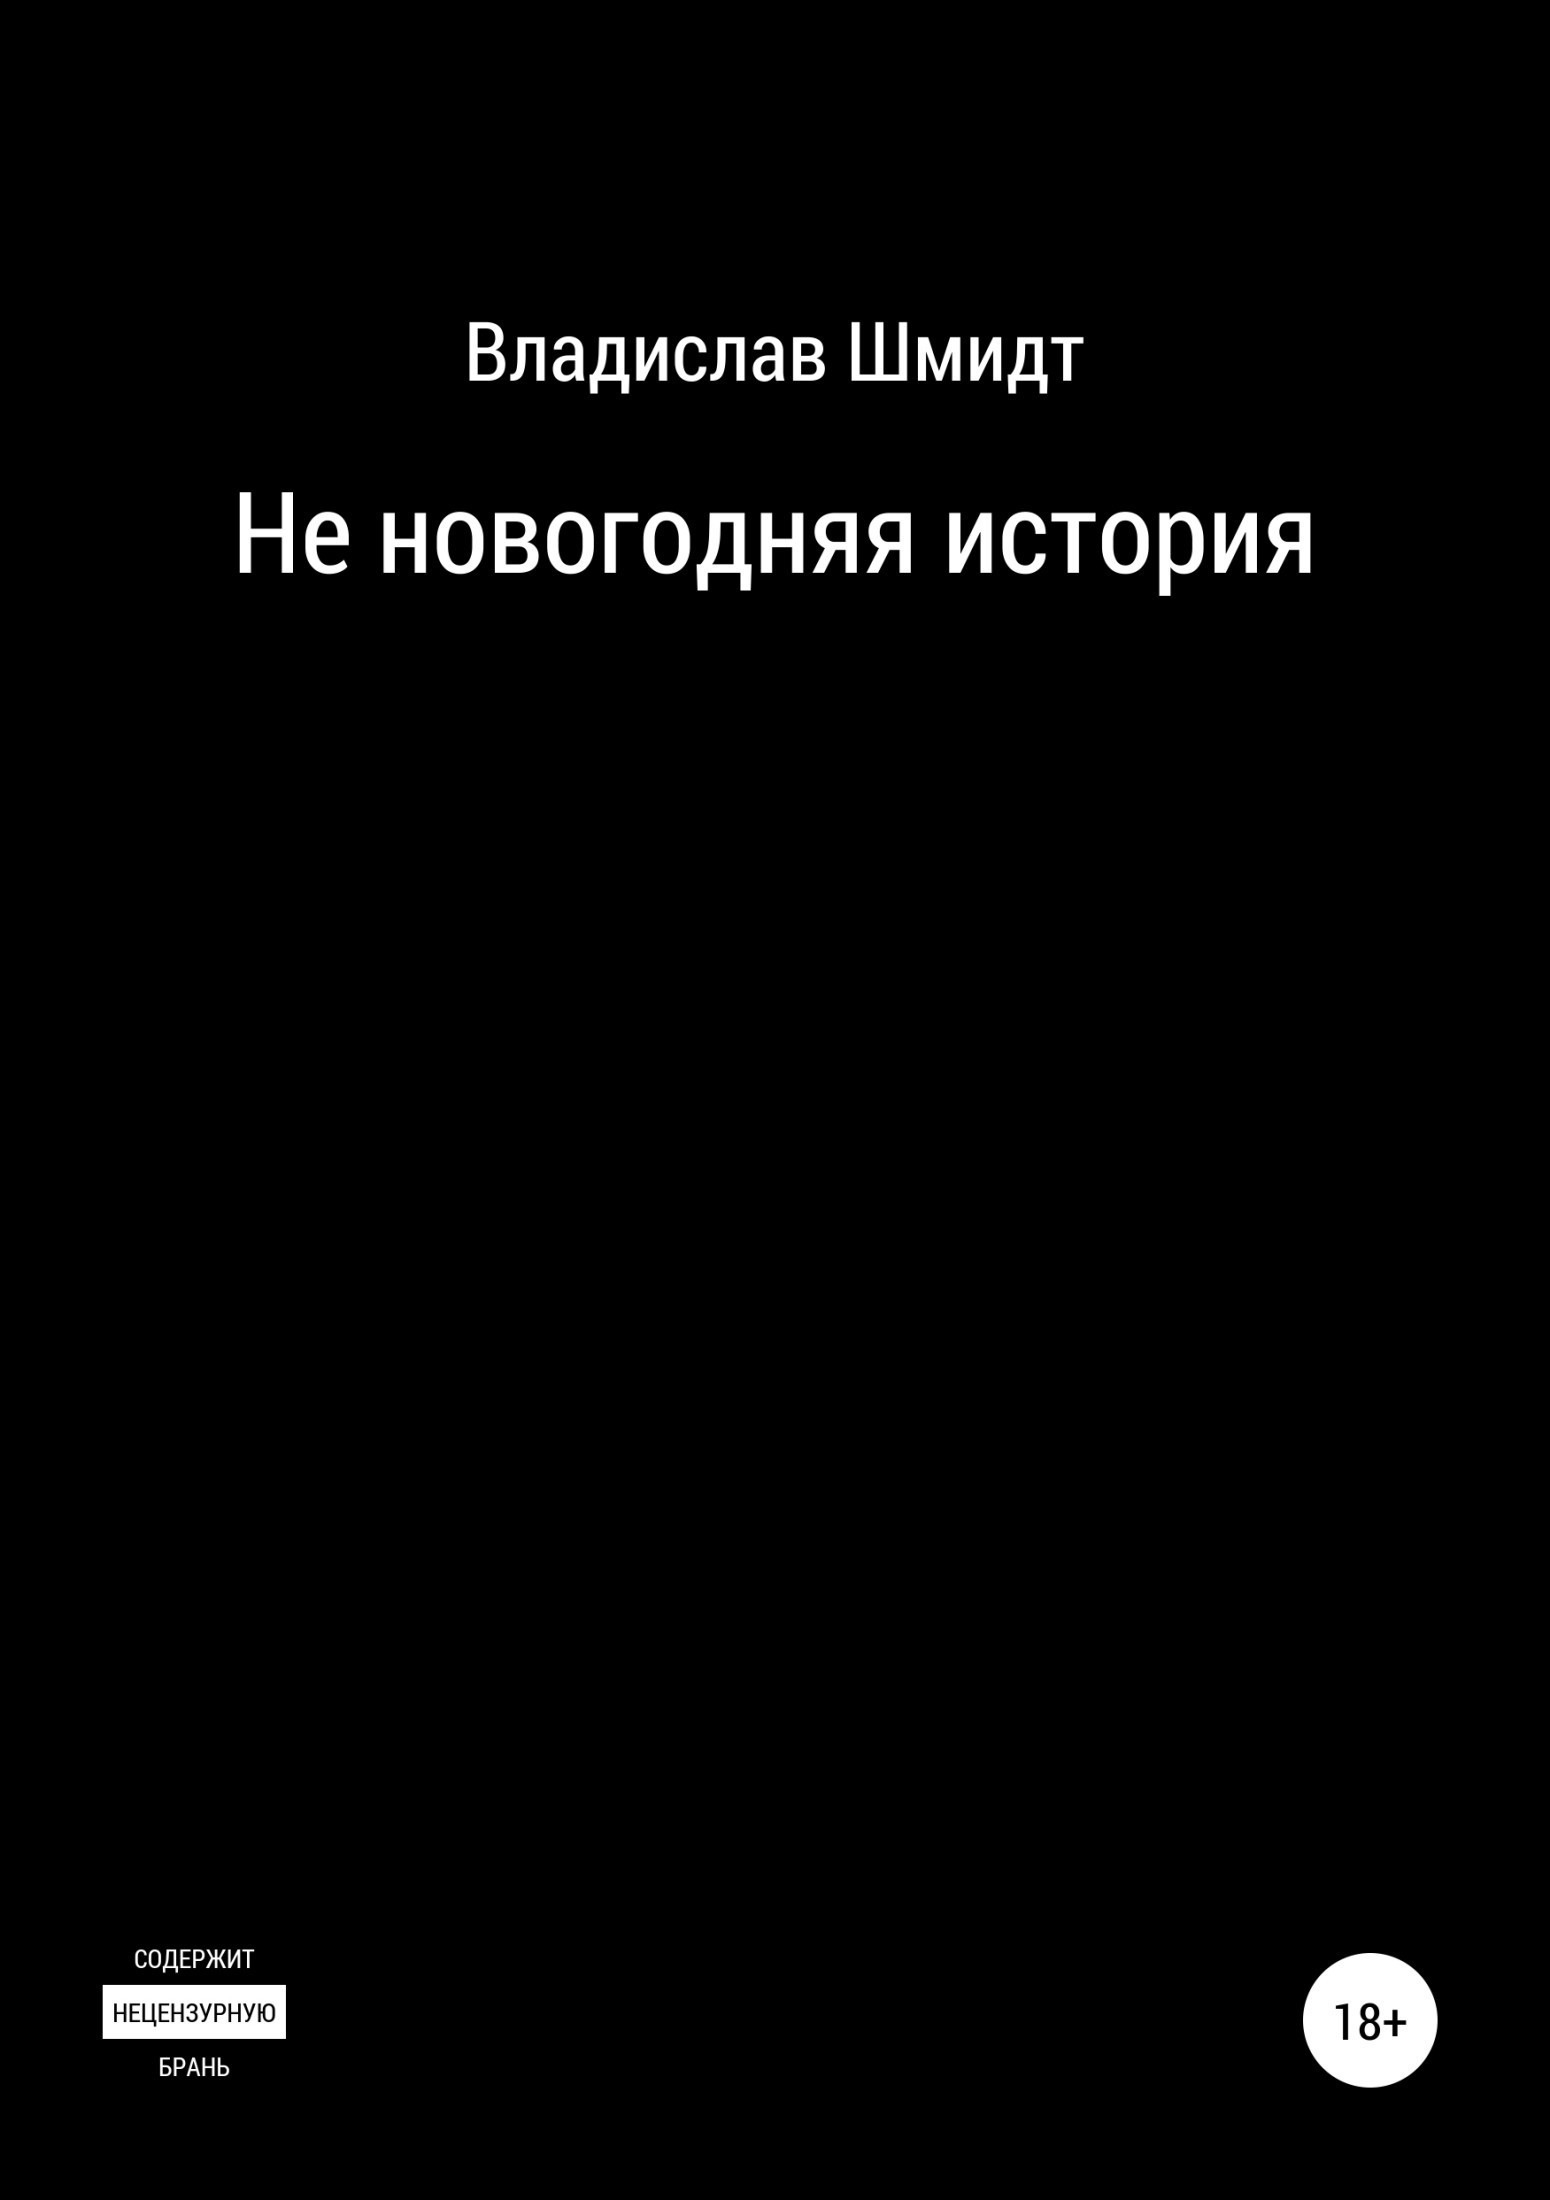 Владислав Шмидт Не новогодняя история денис гусаков эльф баньши и осколок новогодняя история